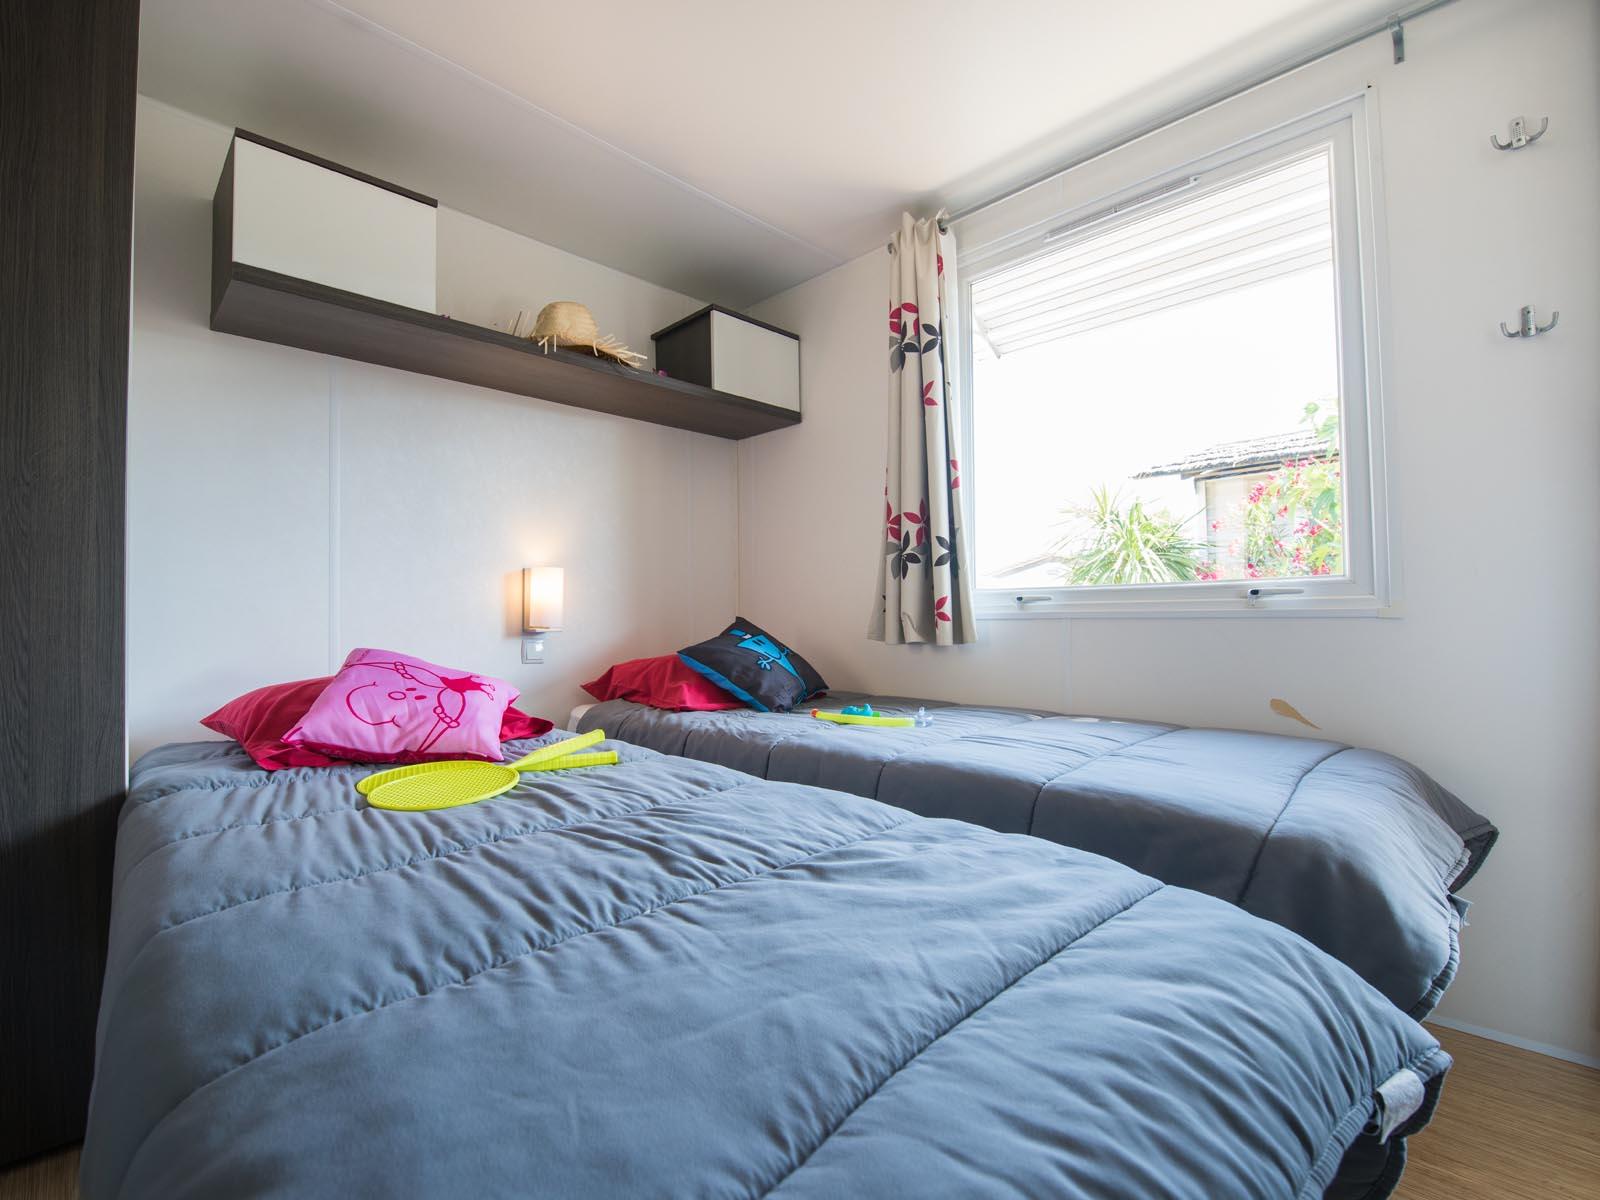 Chambre avec deux lits dans mobilhome